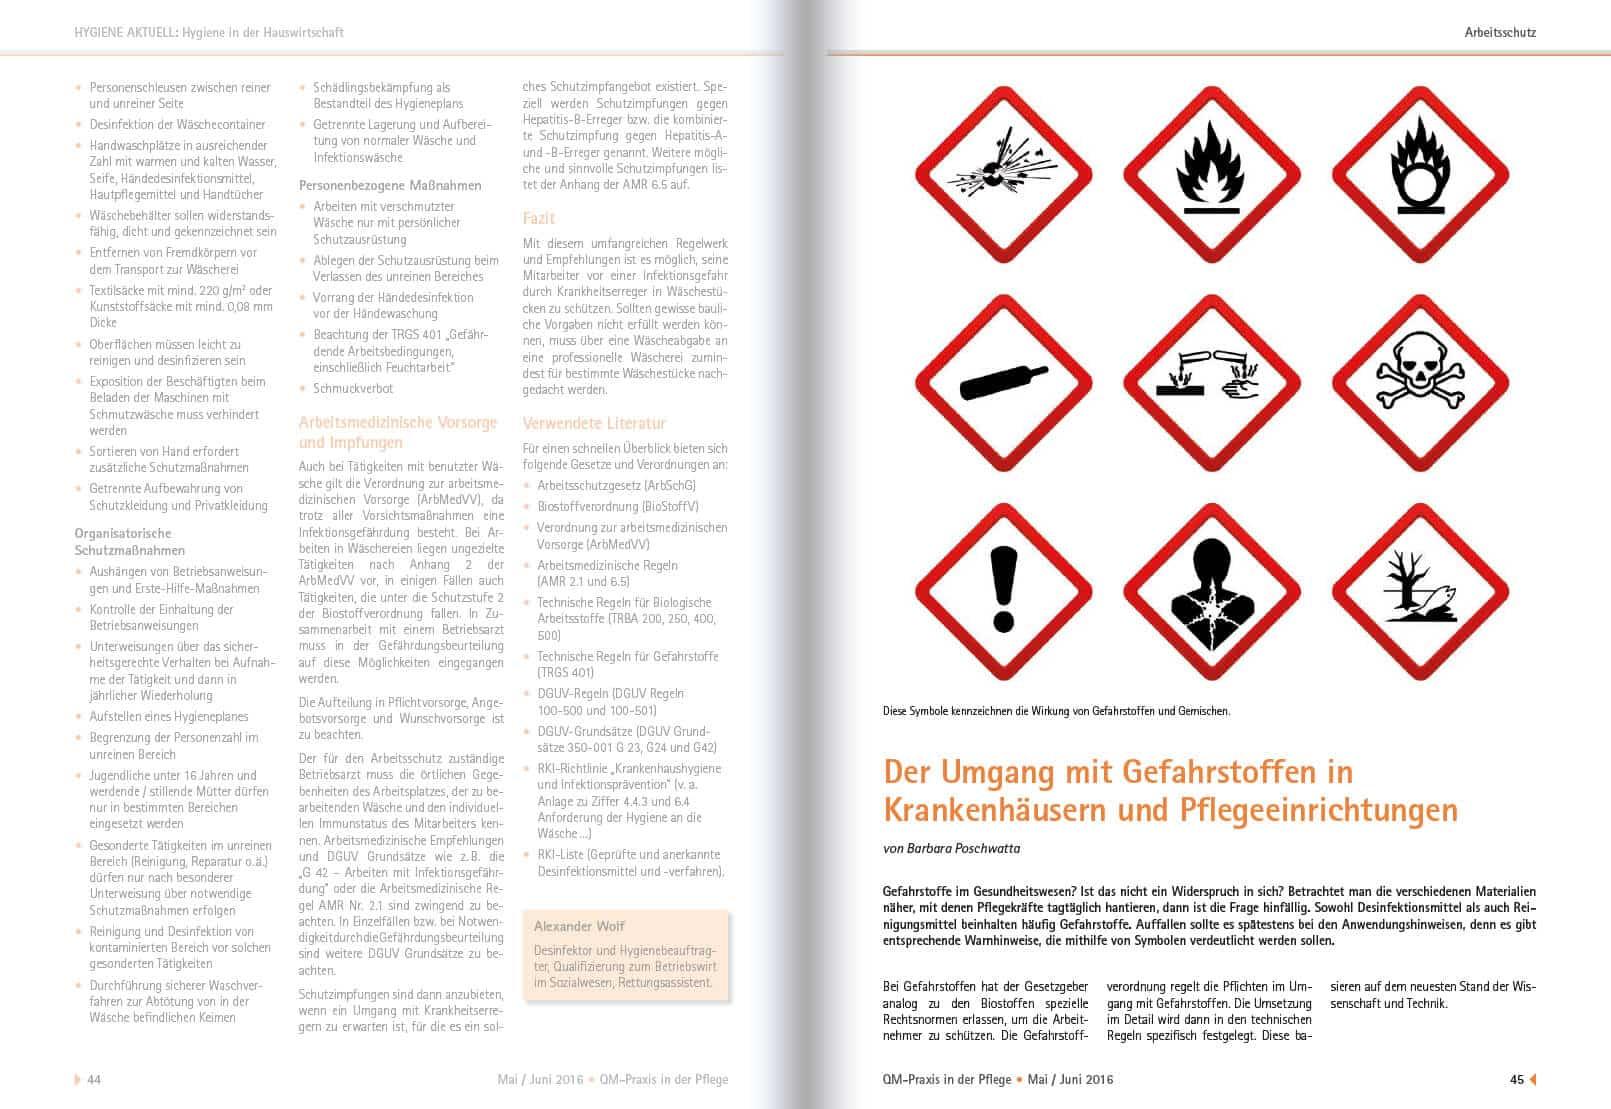 2016-05 Umgang mit Gefahrstoffen in Krankenhäusern und Pflegeeinrichtungen 1